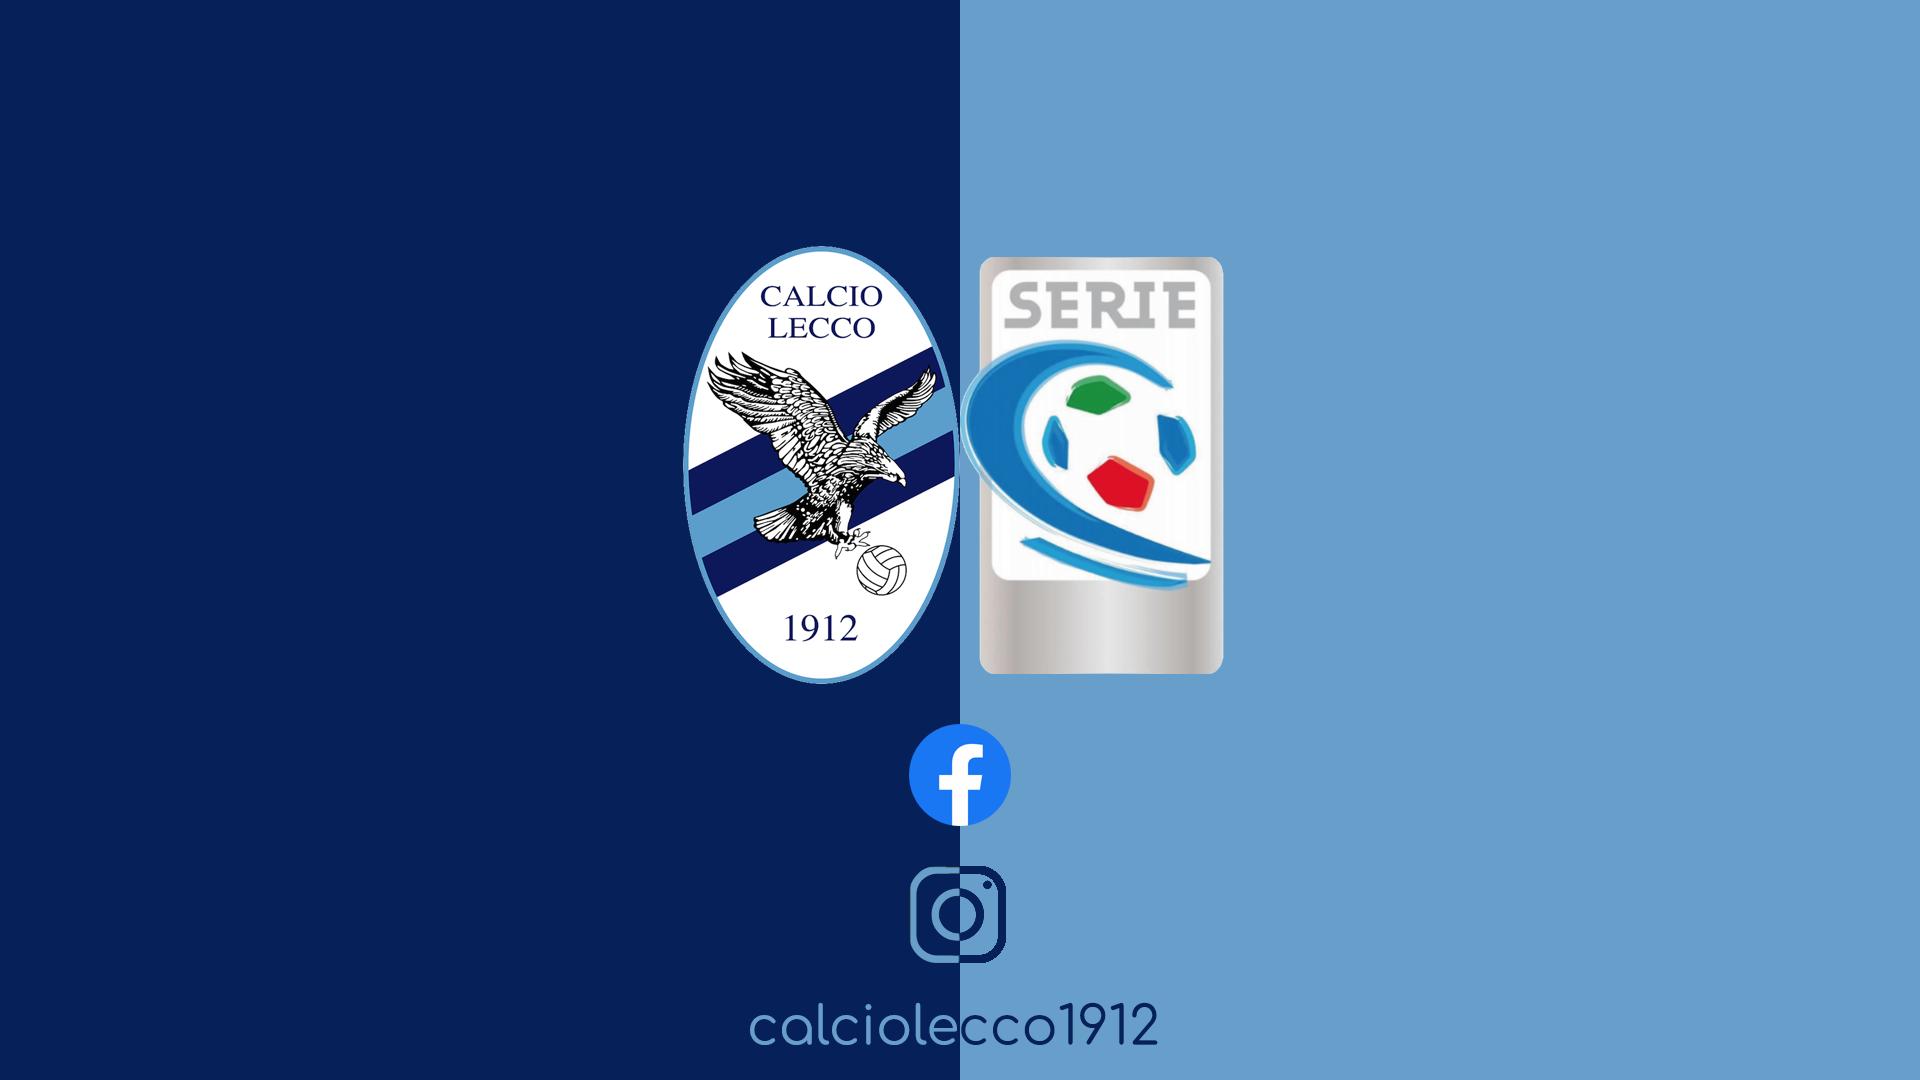 Calendario Arezzo Calcio.Calcio Lecco 1912 Serie C Il Calendario Completo Del